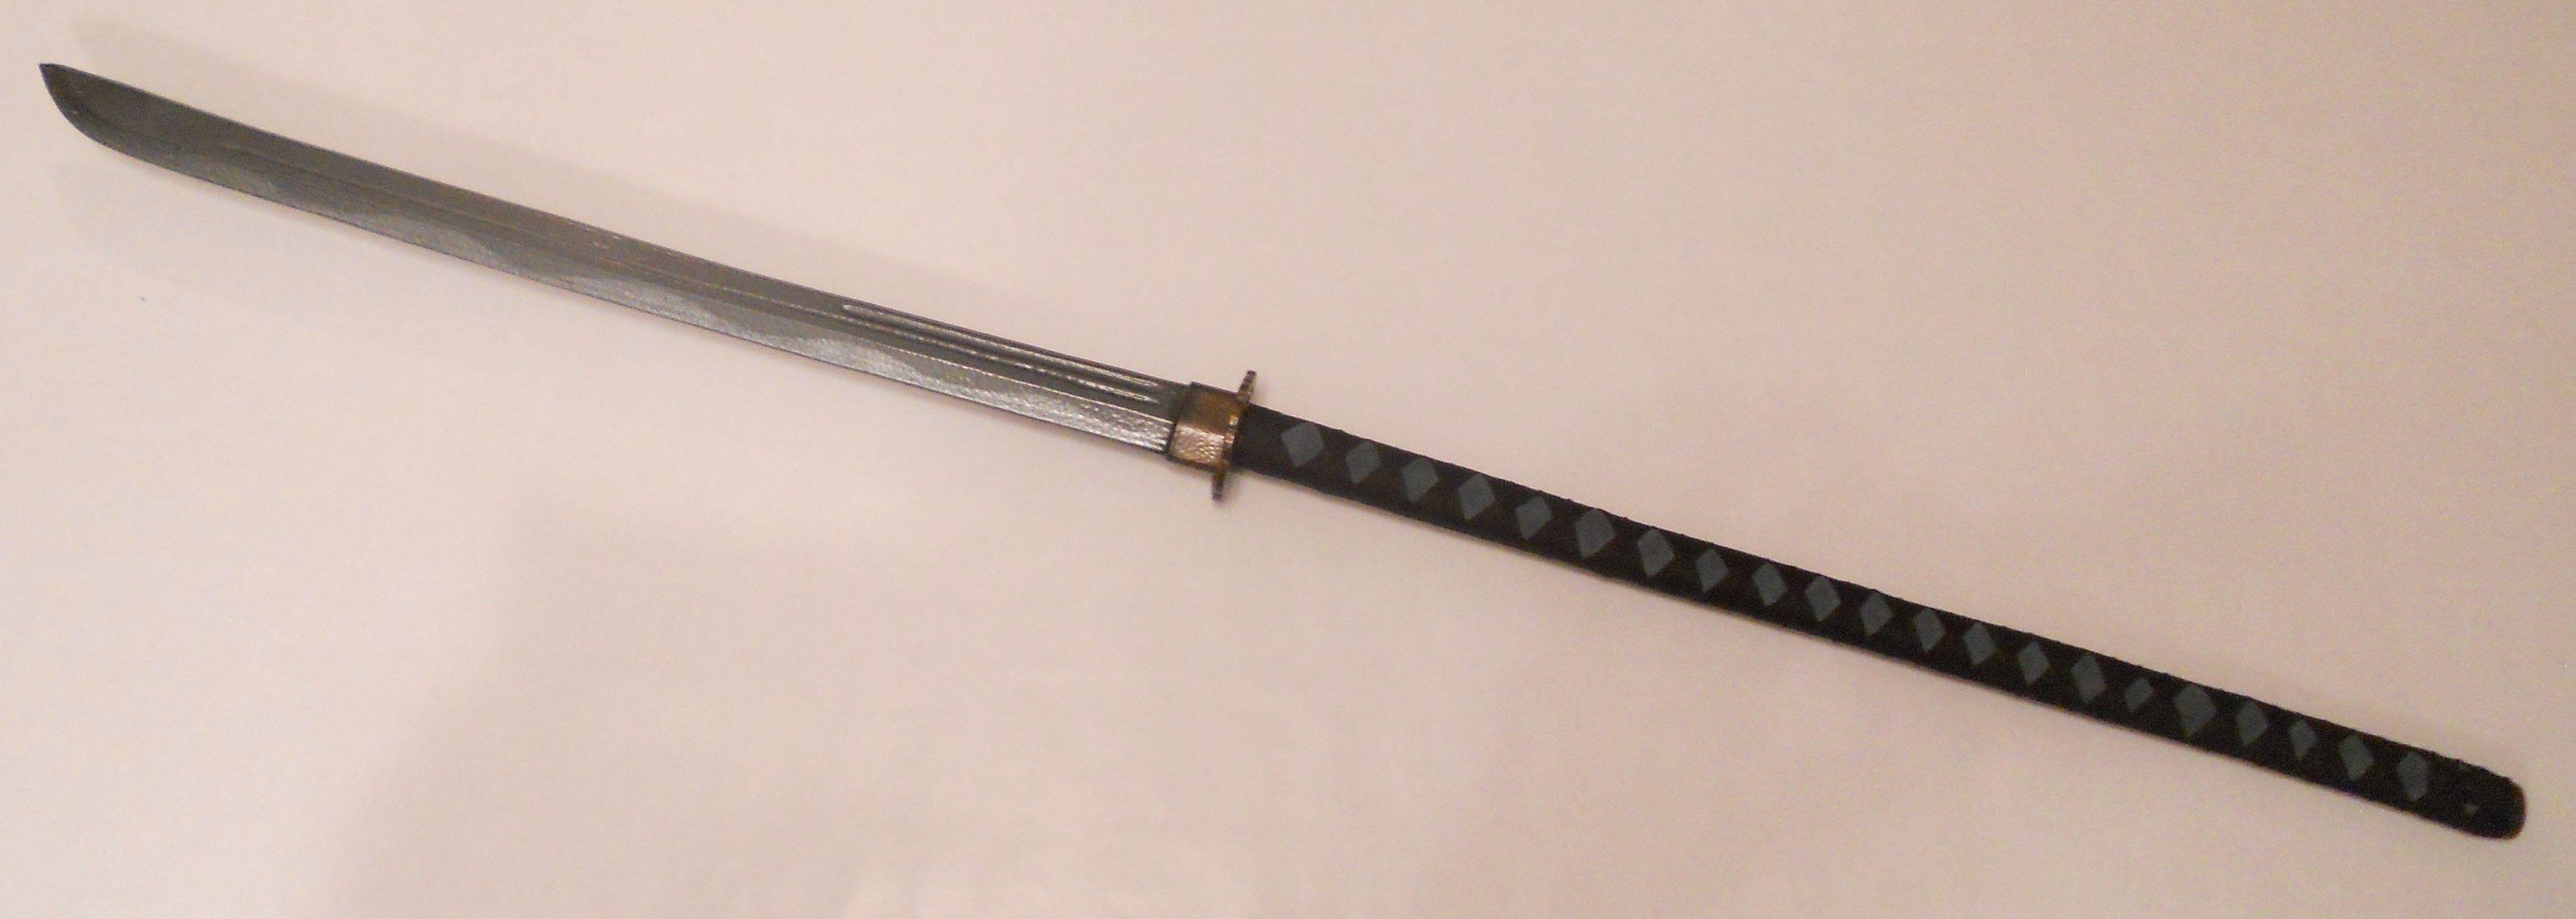 Нагамаки с прямым клинком